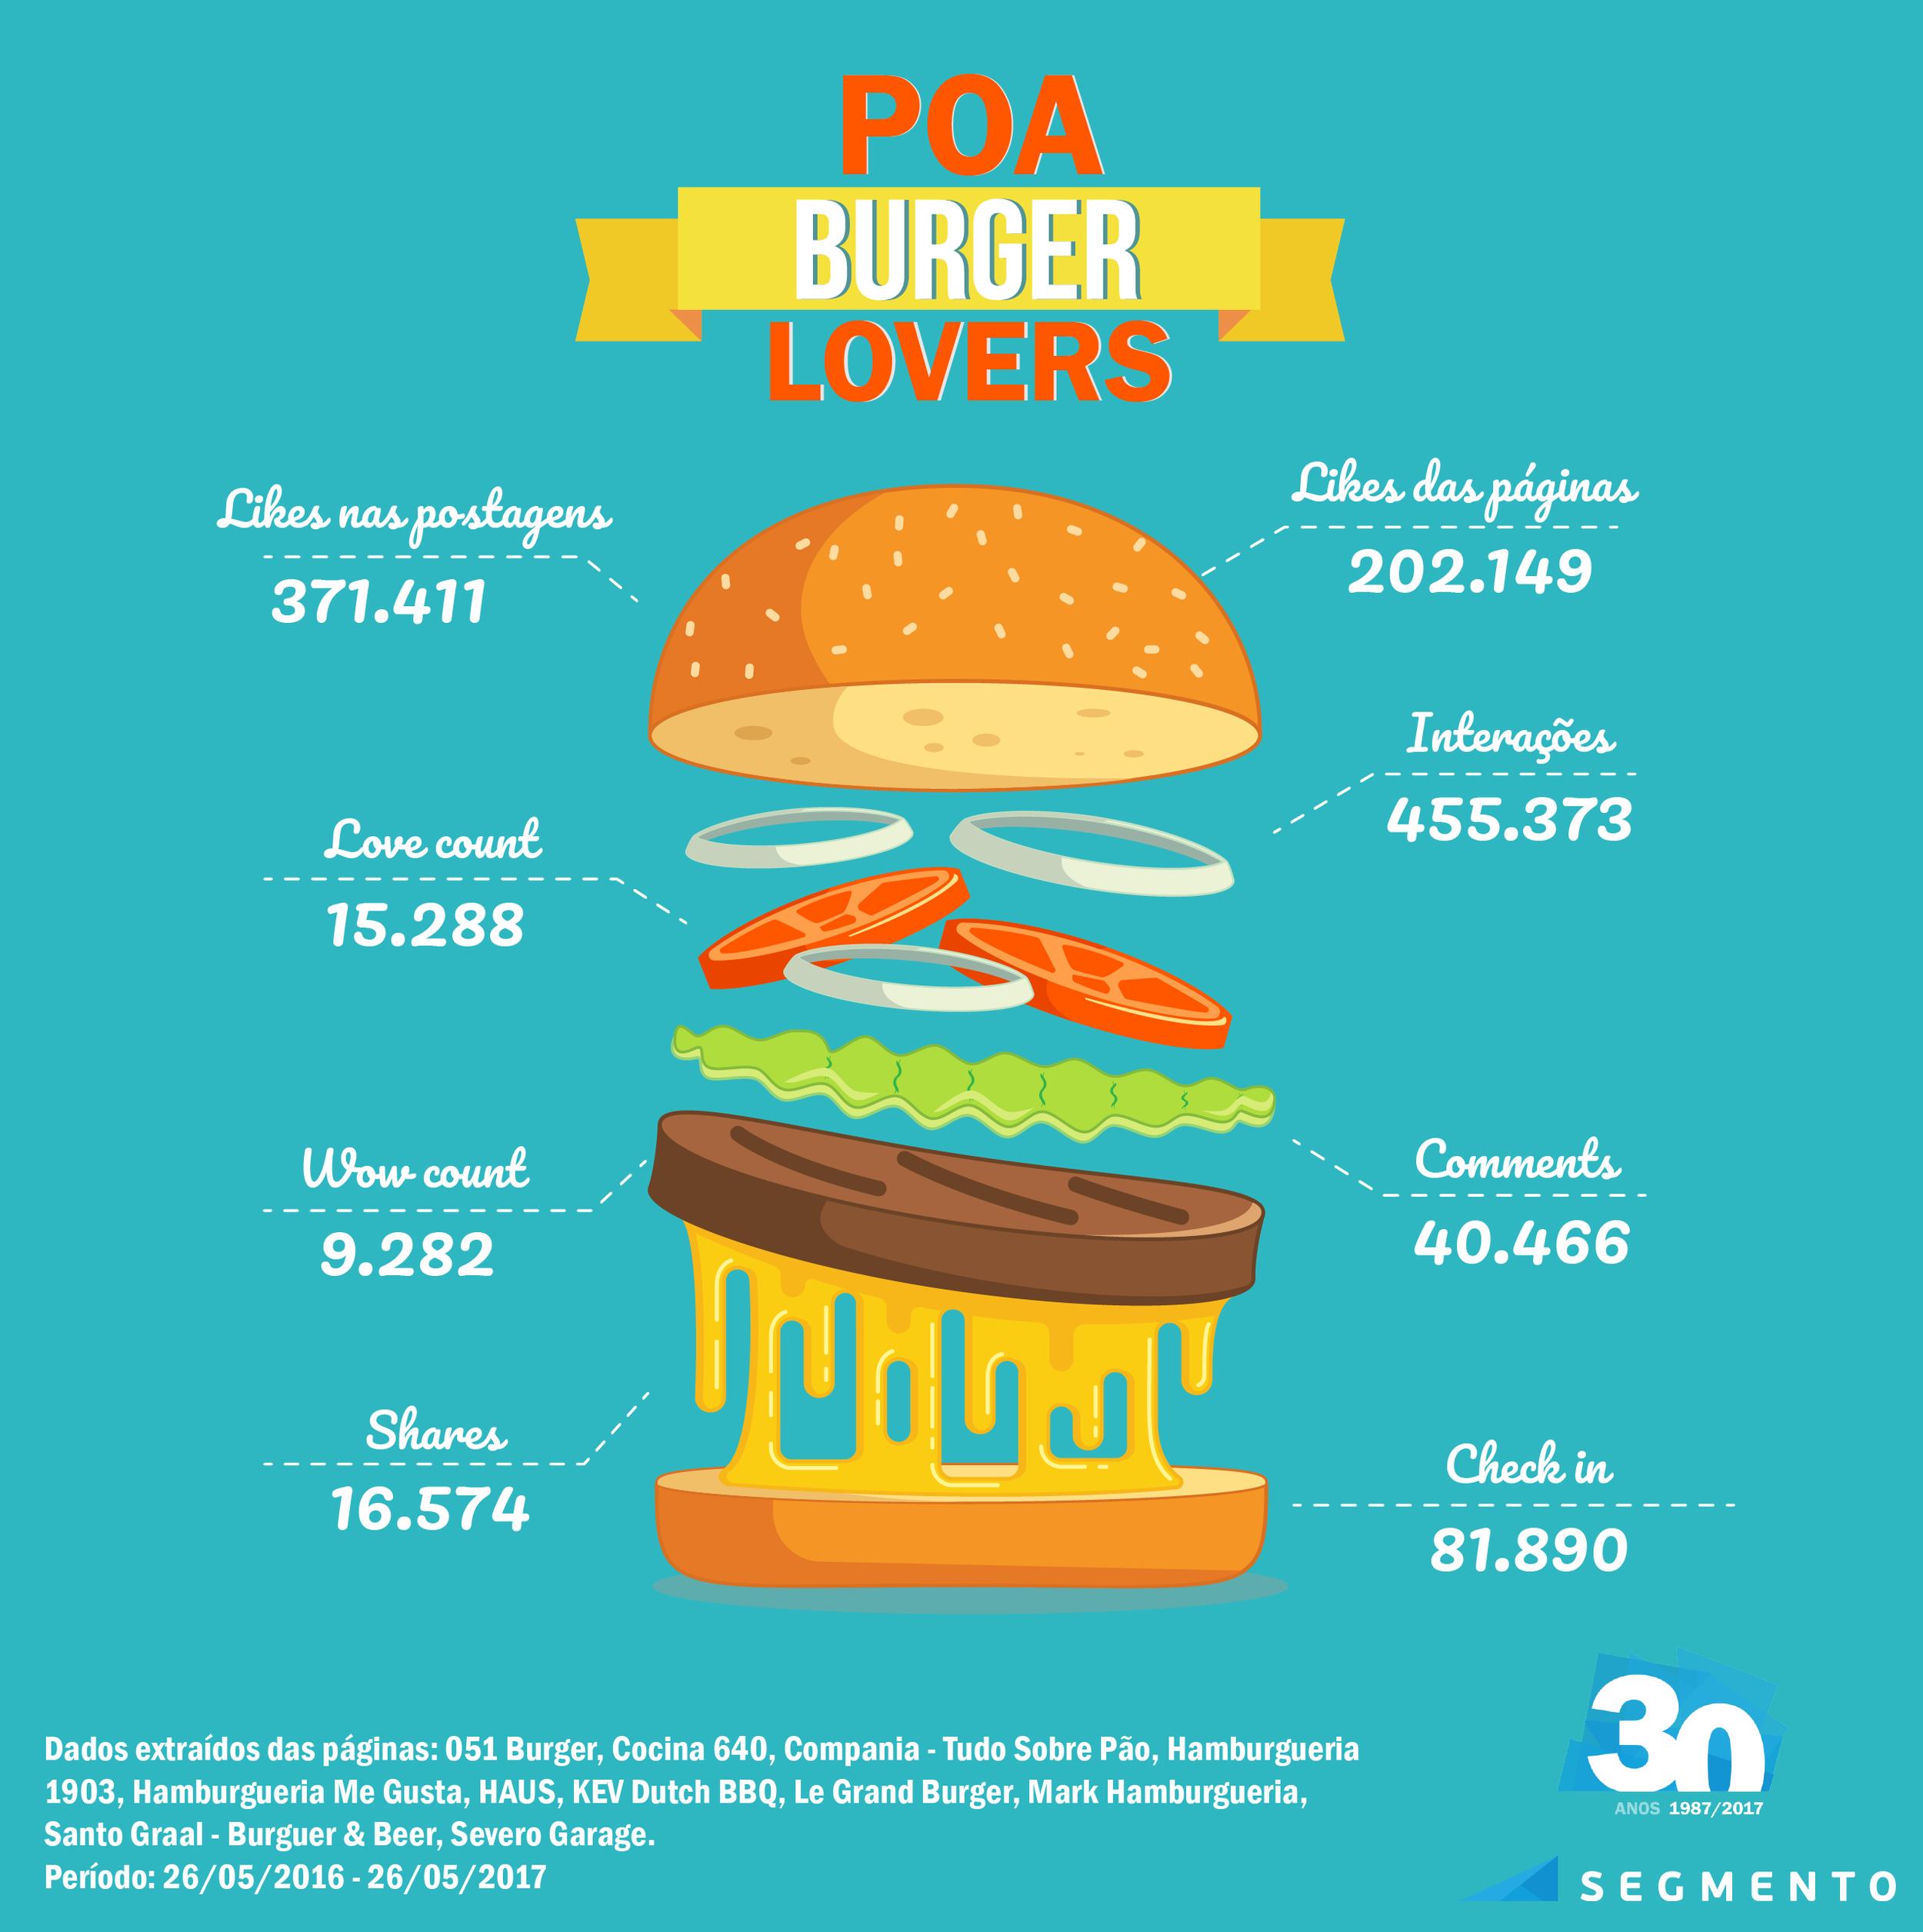 1. Infográfico da análise da presença das hamburguerias no facebook